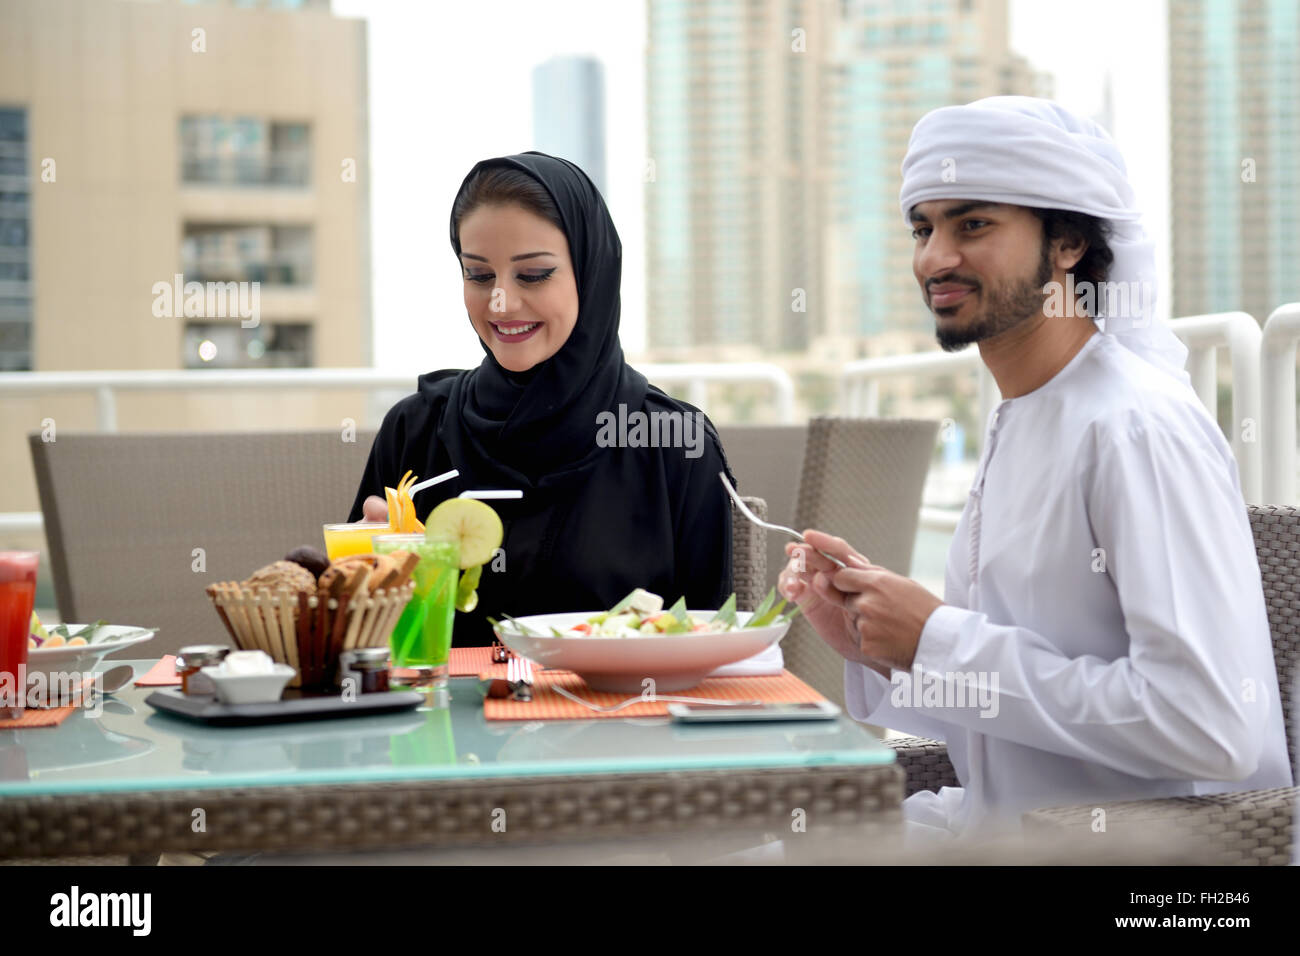 Young Emirati arab couple dining - Stock Image